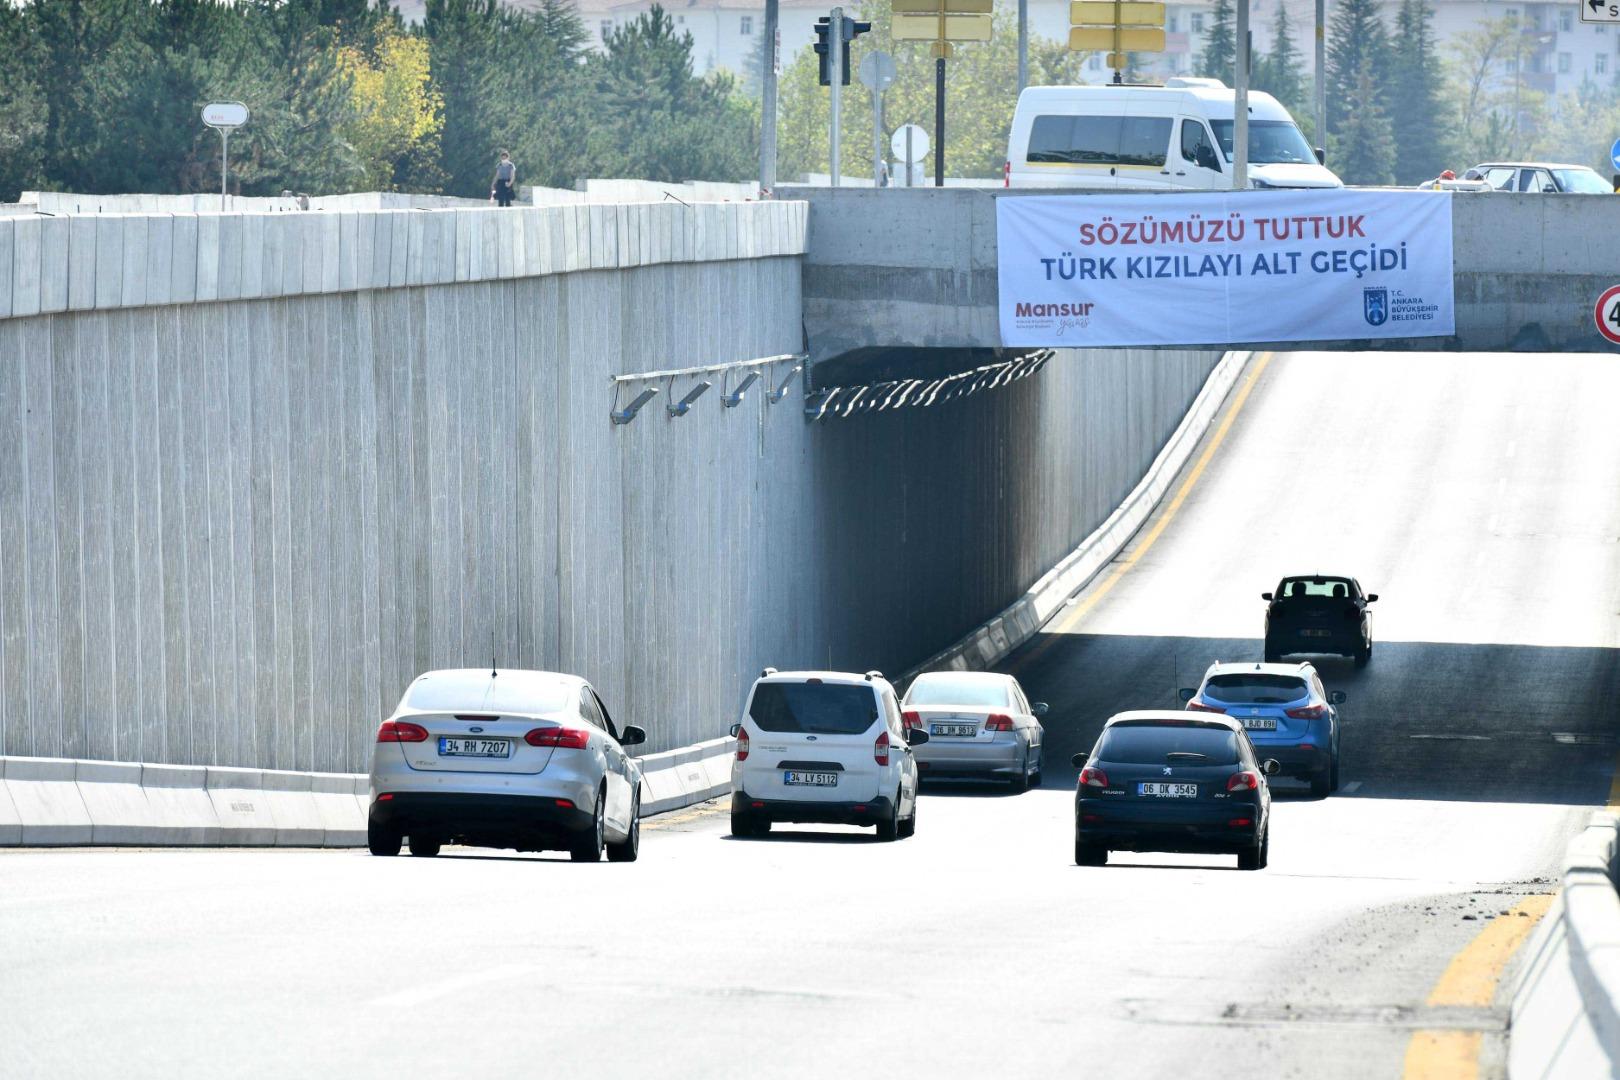 Türk Kızılayı Caddesi'ndeki köprülü kavşak trafiğe açıldı